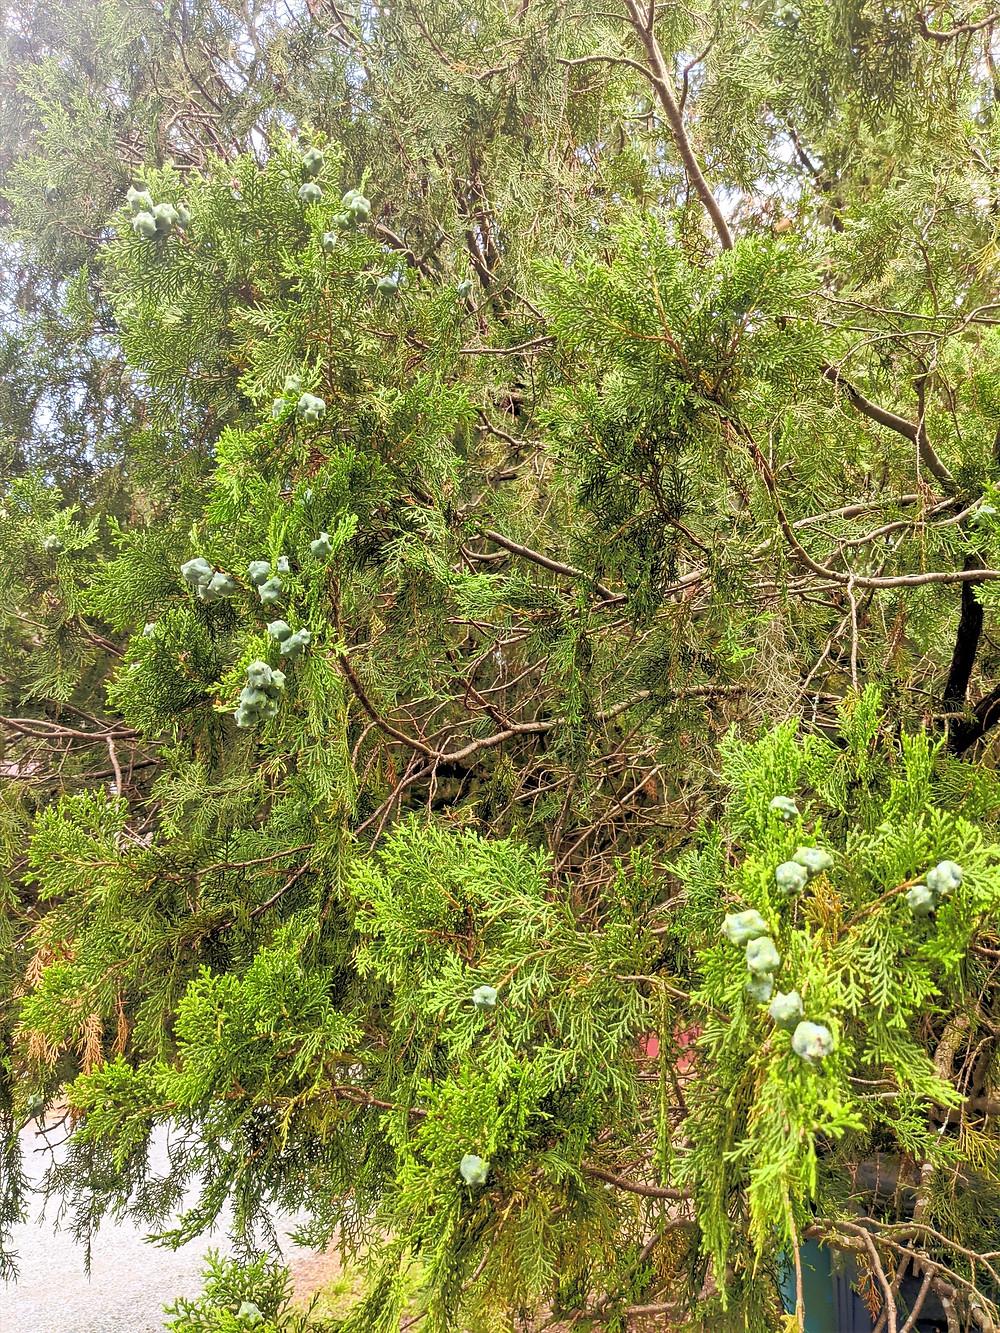 Juniper tree full of berries